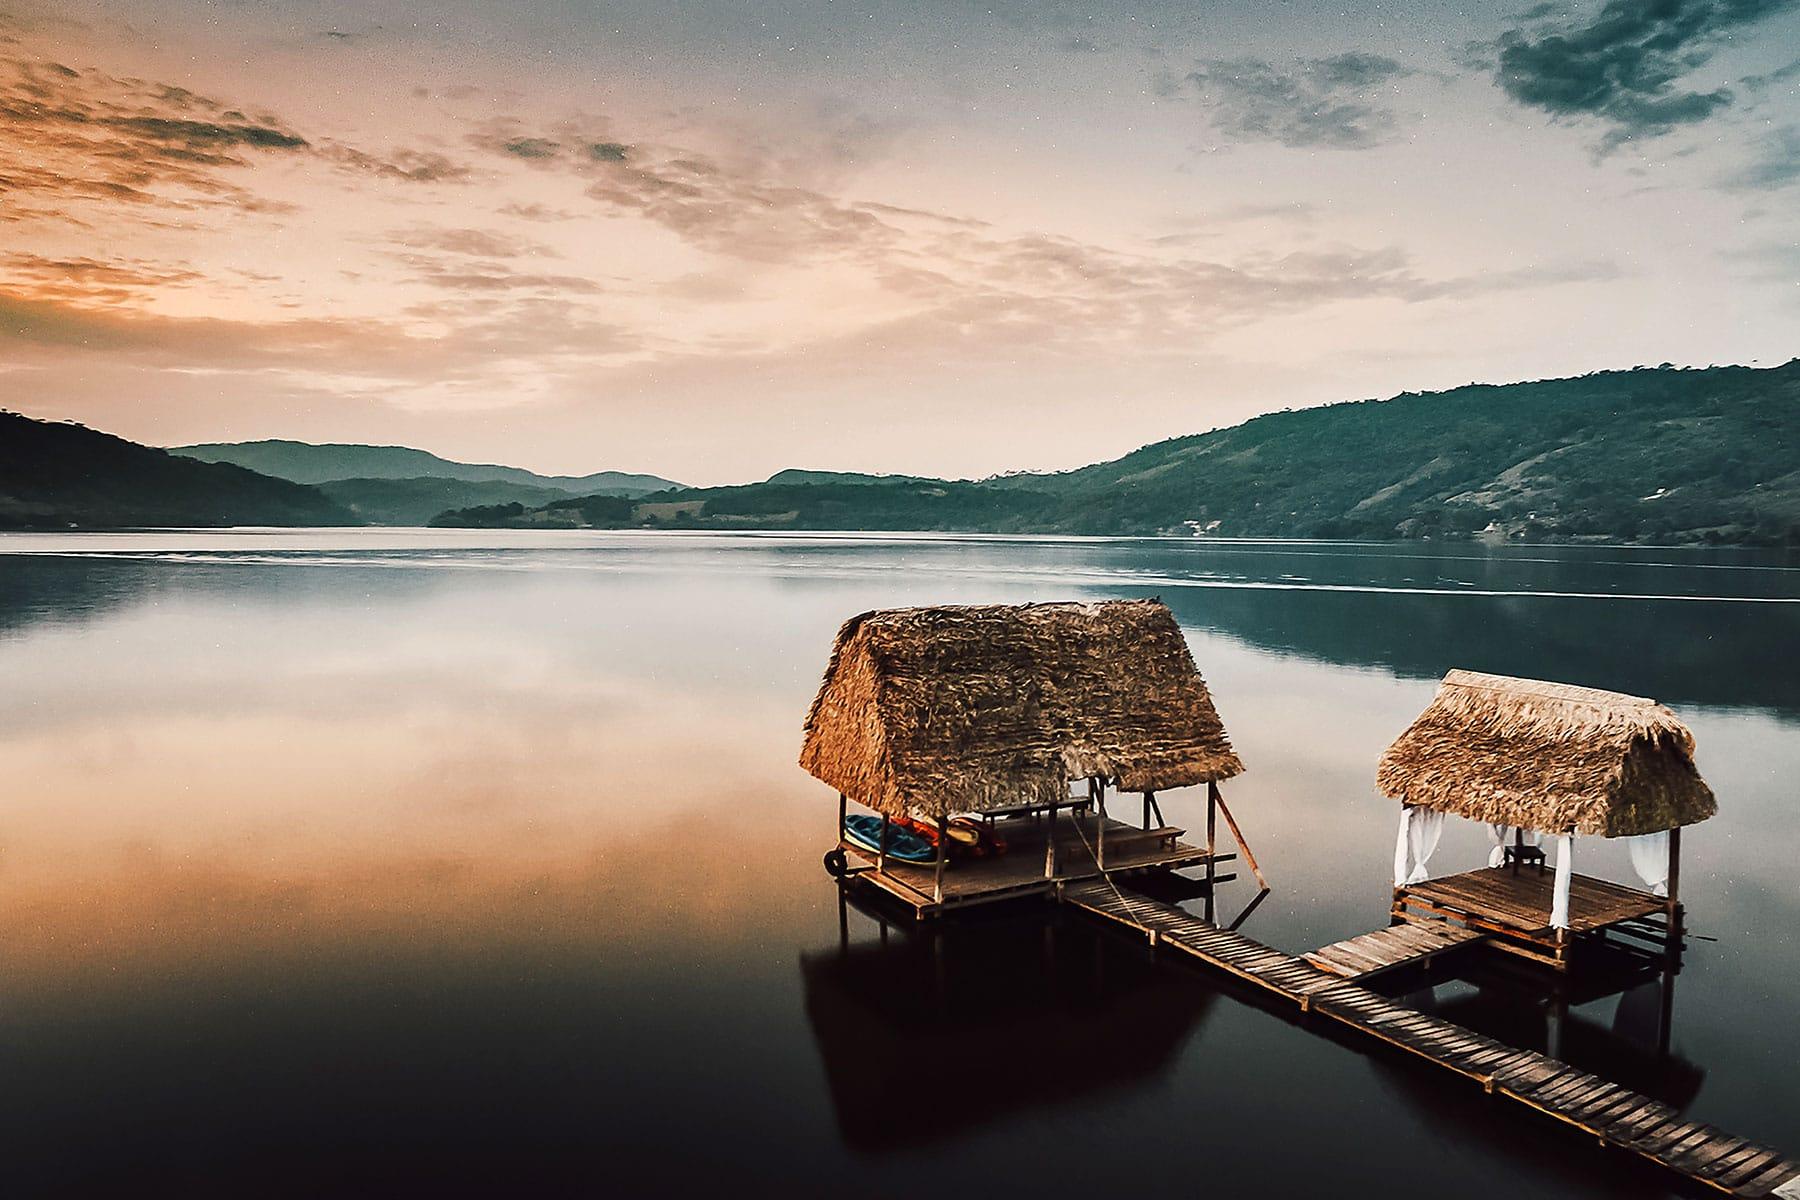 Resor-till-Peru-med-Nygren-&-Lind-Resebyrå---stråhus-på-sjö